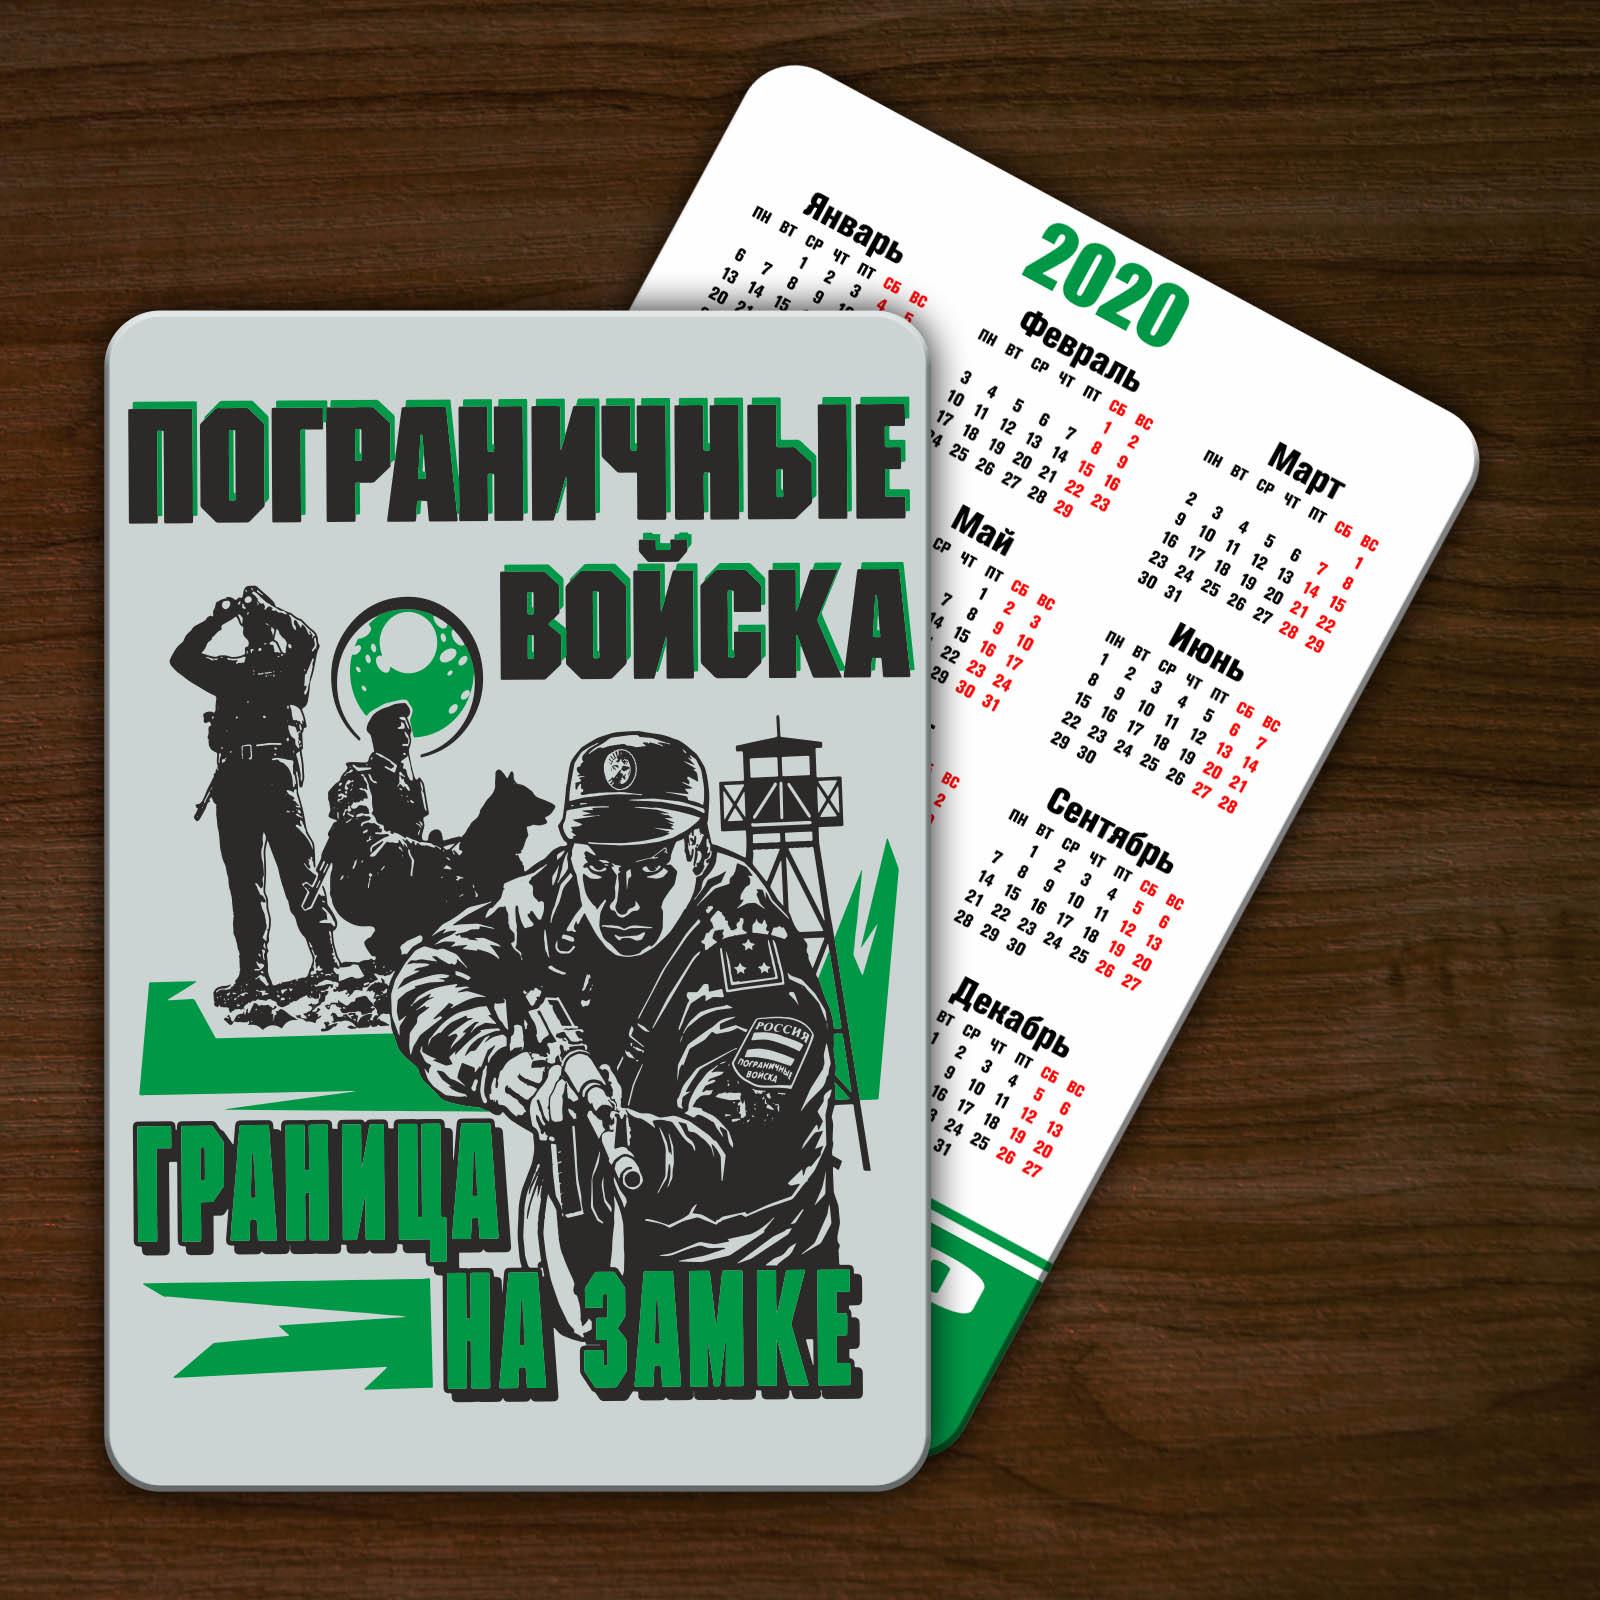 Изготовление необычных календариков в Москве